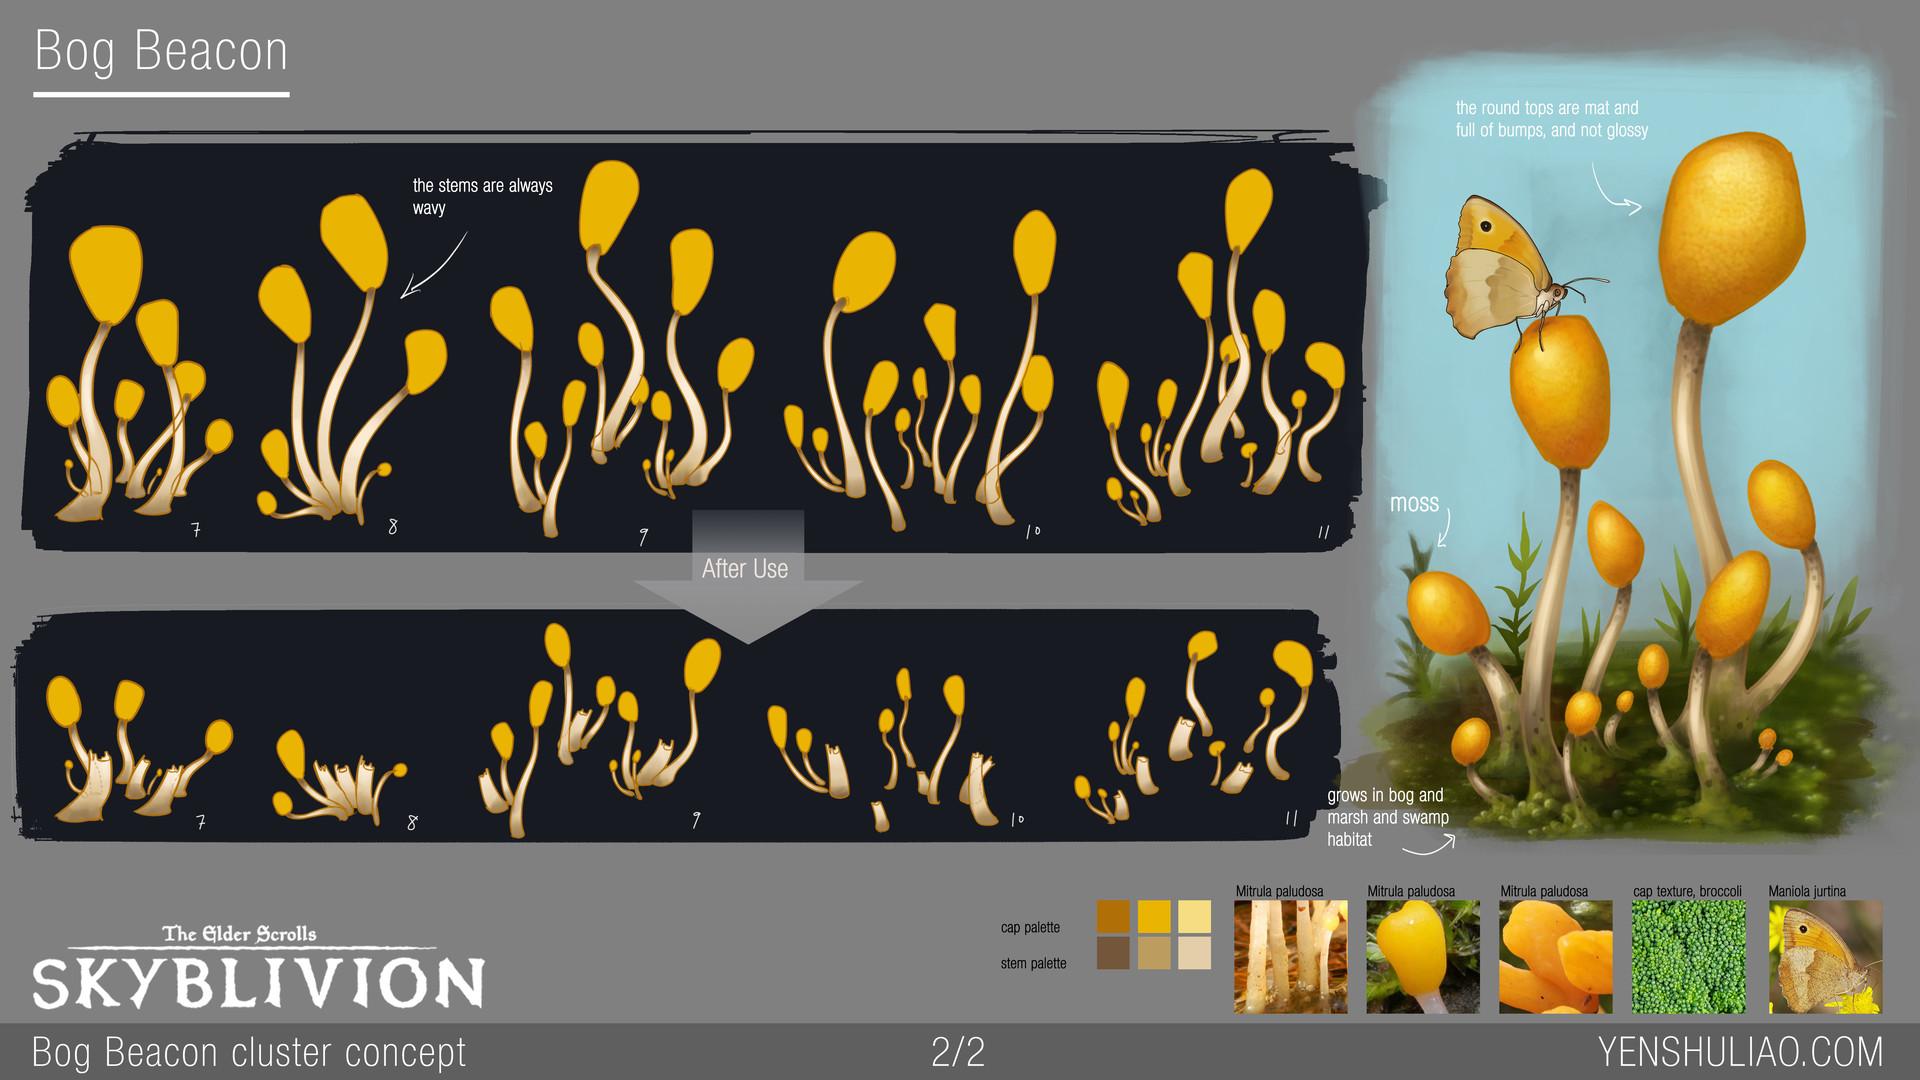 Yen shu liao mushroom environment prop concept yen shu liao skyblivion 02